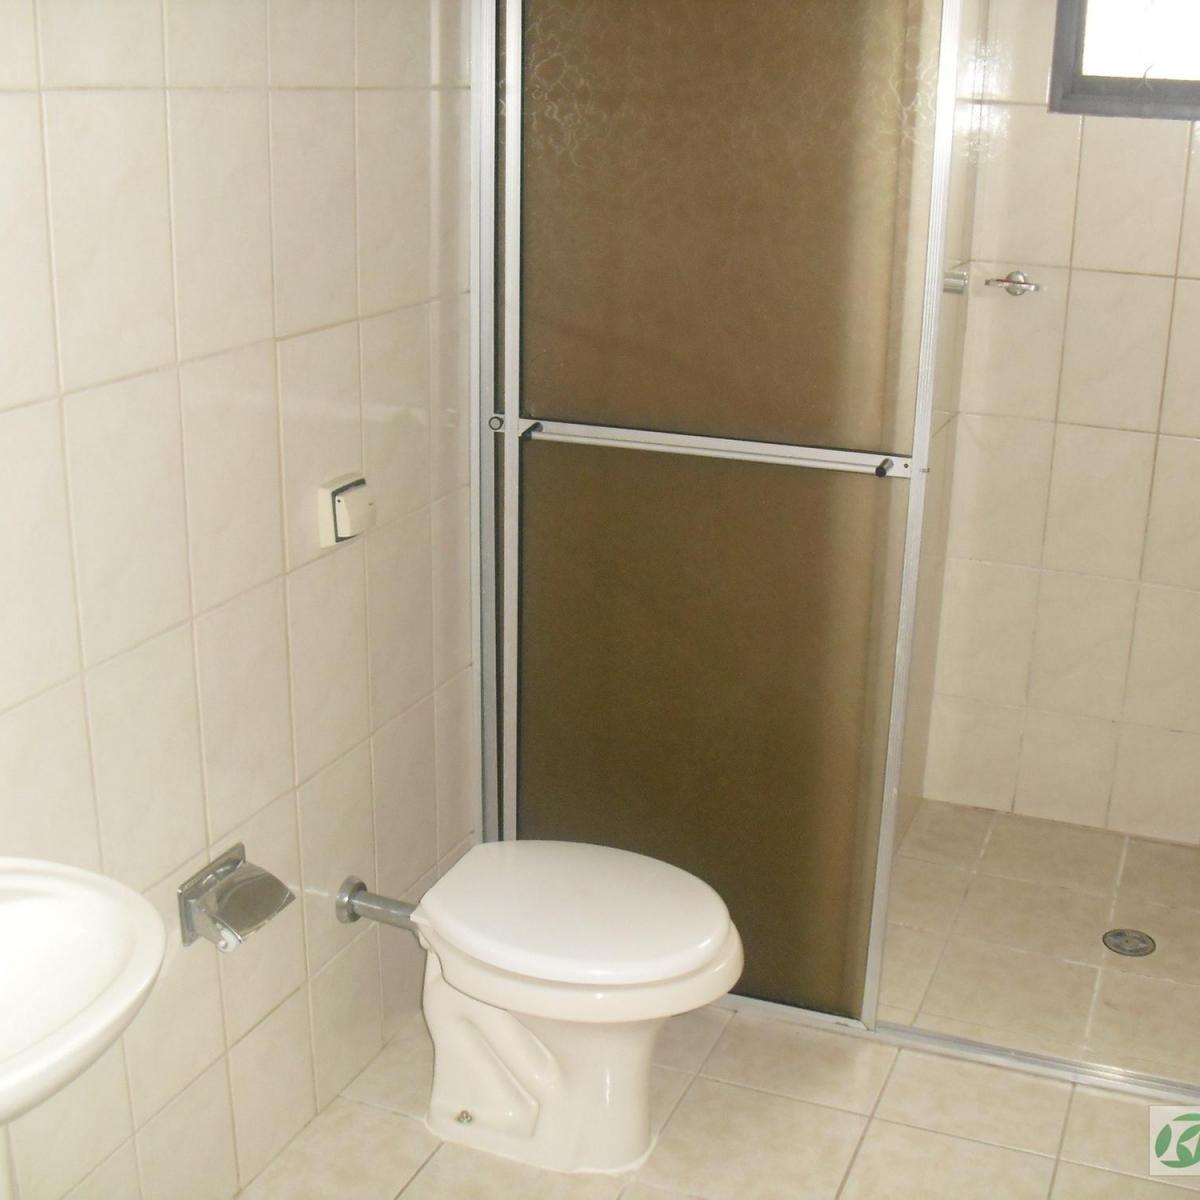 Imagens de #5F4D2C Casa para aluguel com 3 Quartos Boa Vista Curitiba R$ 1.300 125  1200x1200 px 3060 Box Banheiro Boa Vista Curitiba